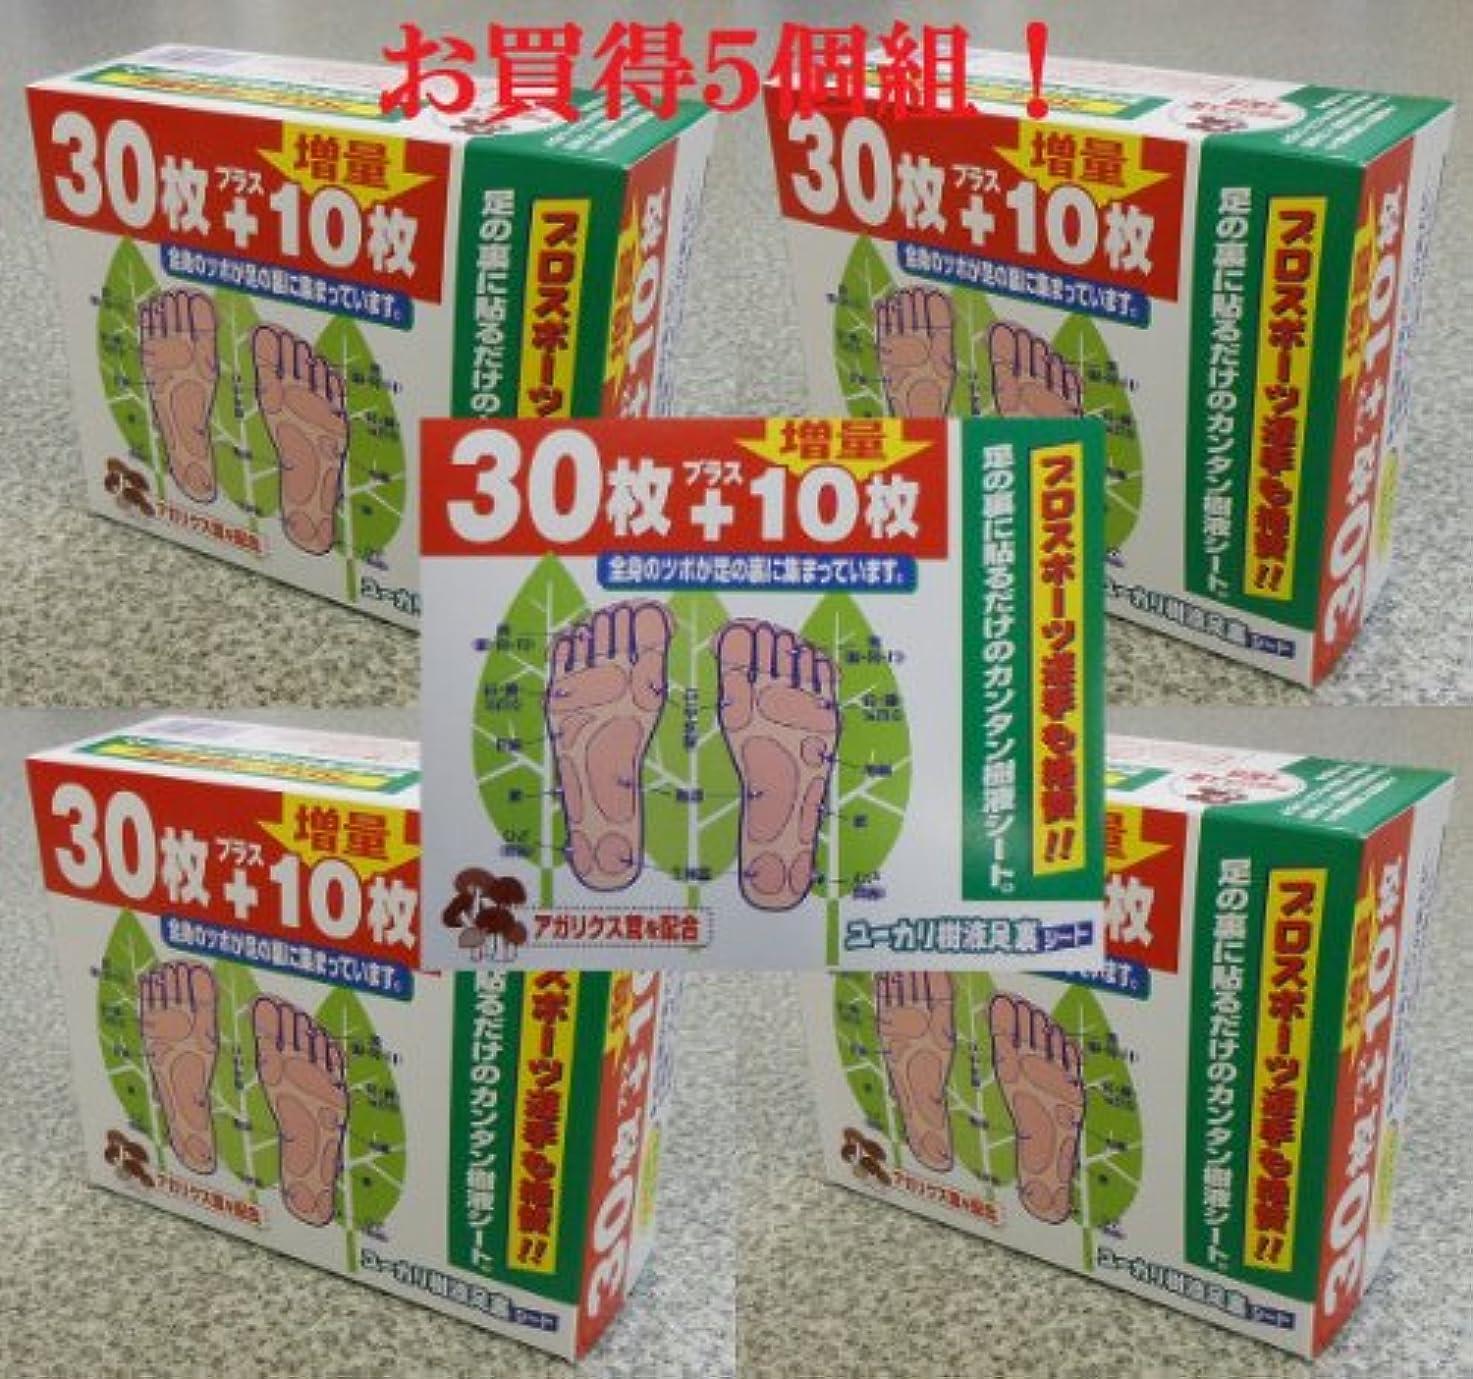 食料品店報酬のワーカーユーカリ樹液足裏シート アガリクス茸配合 5個組